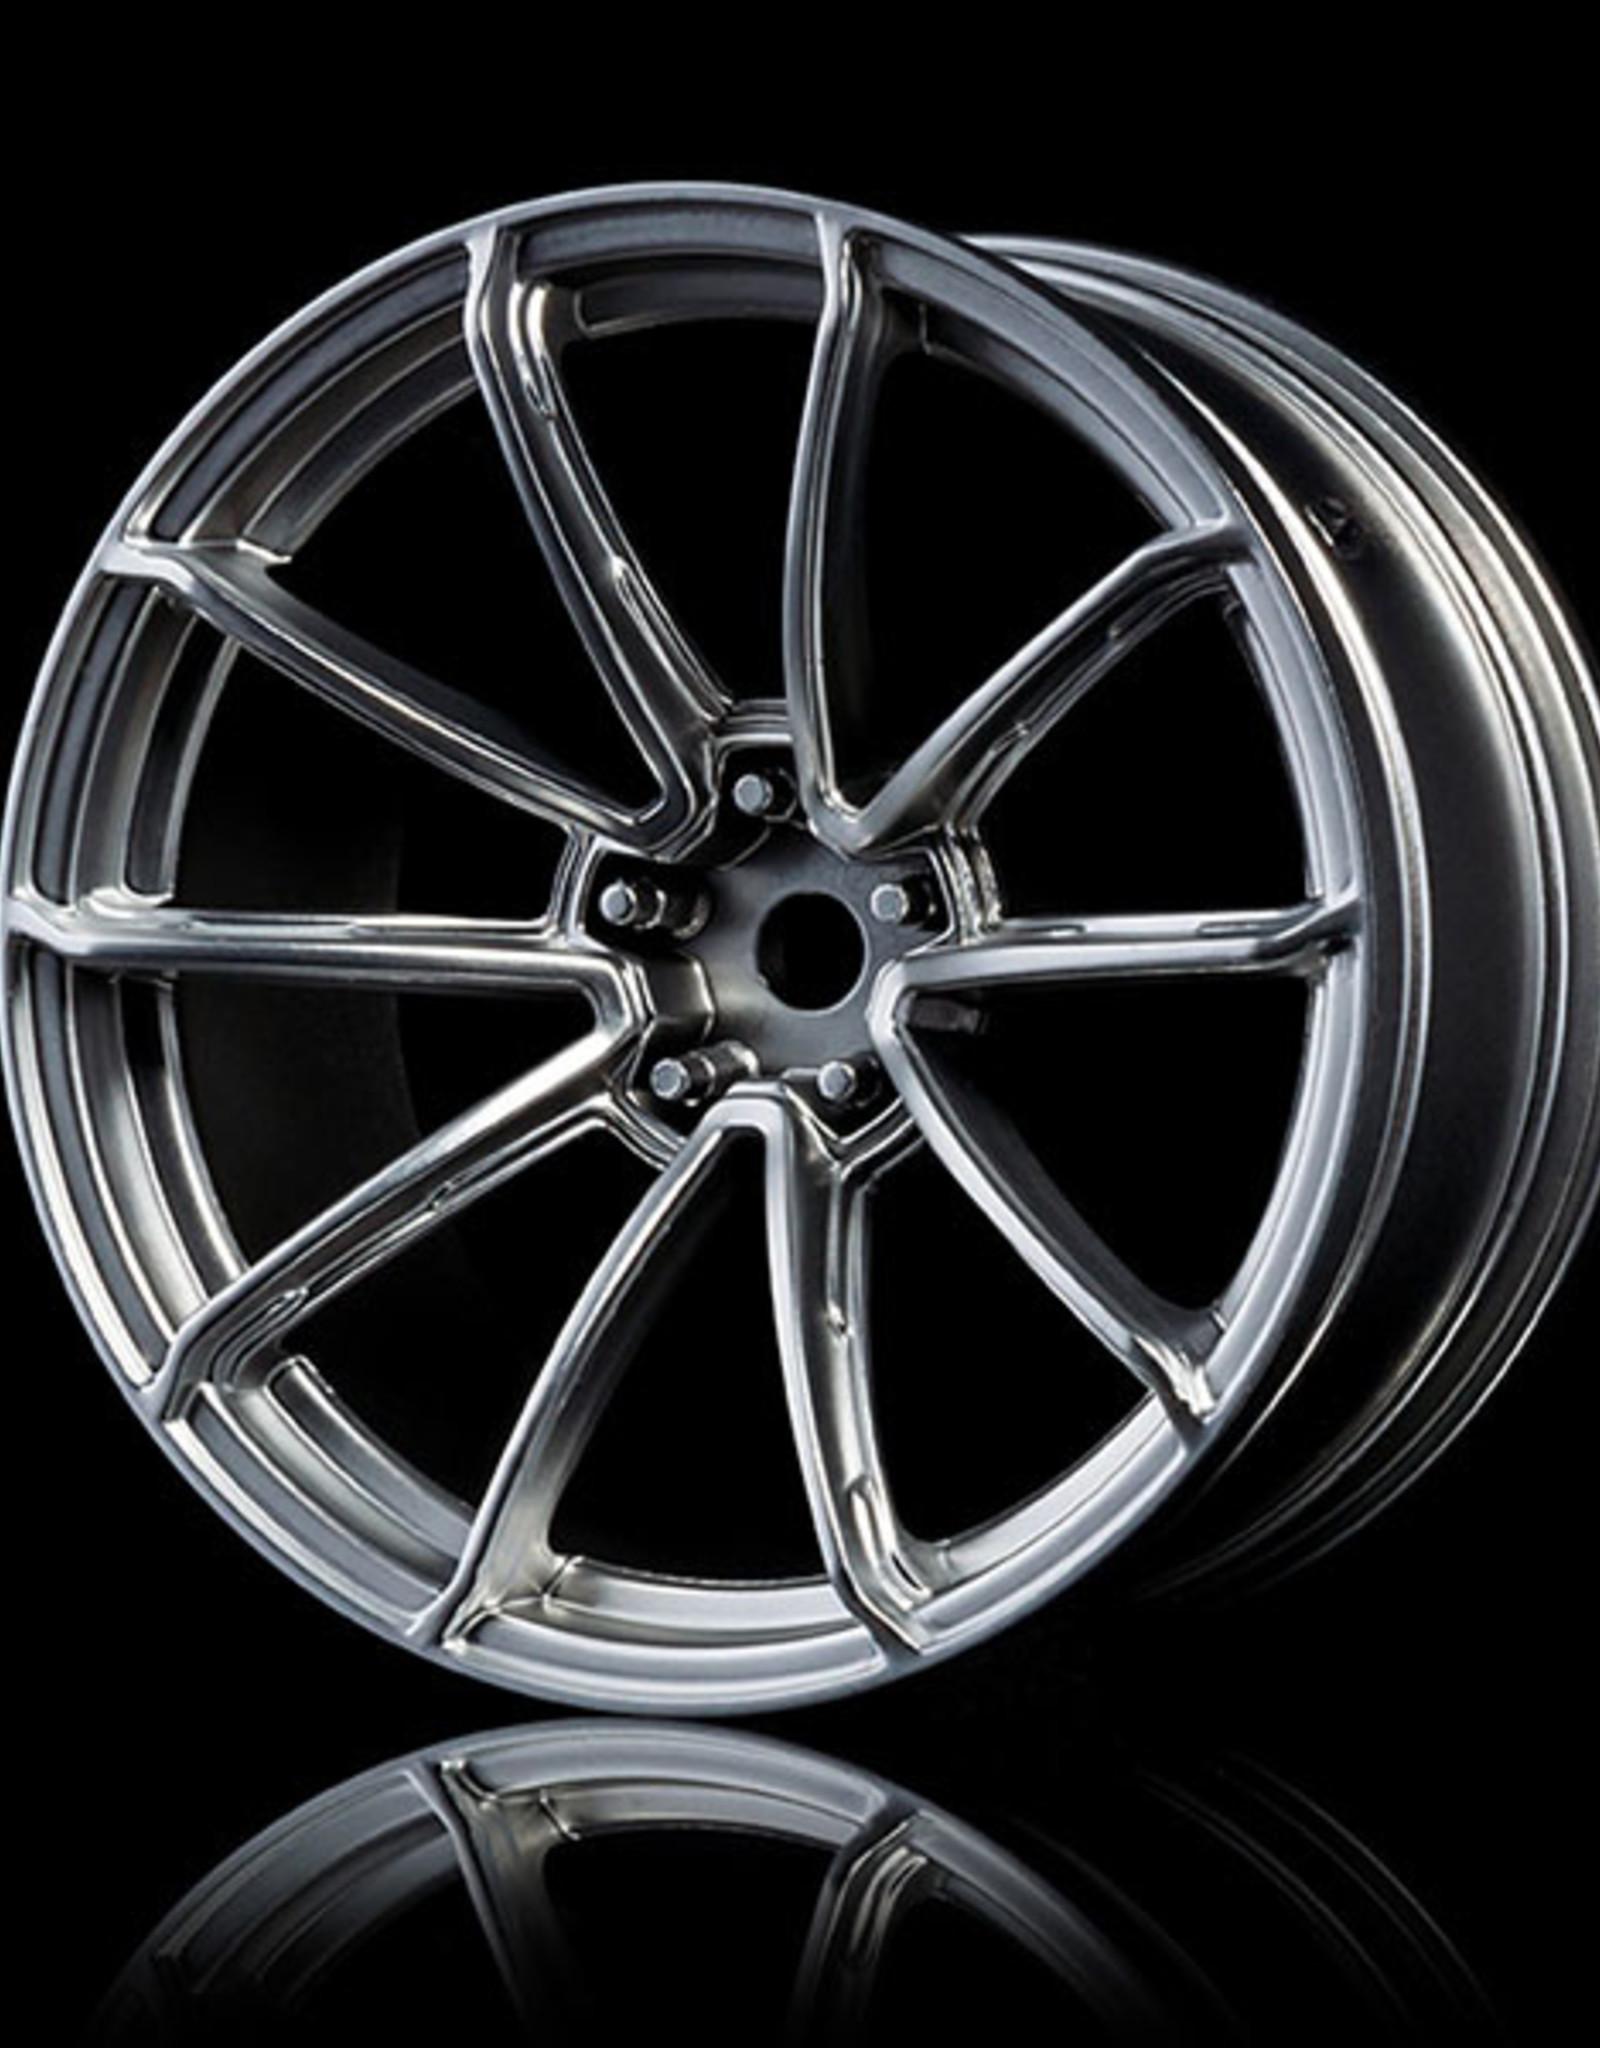 MST GTR Drift Car Wheel by MST Flat Silver 7mm